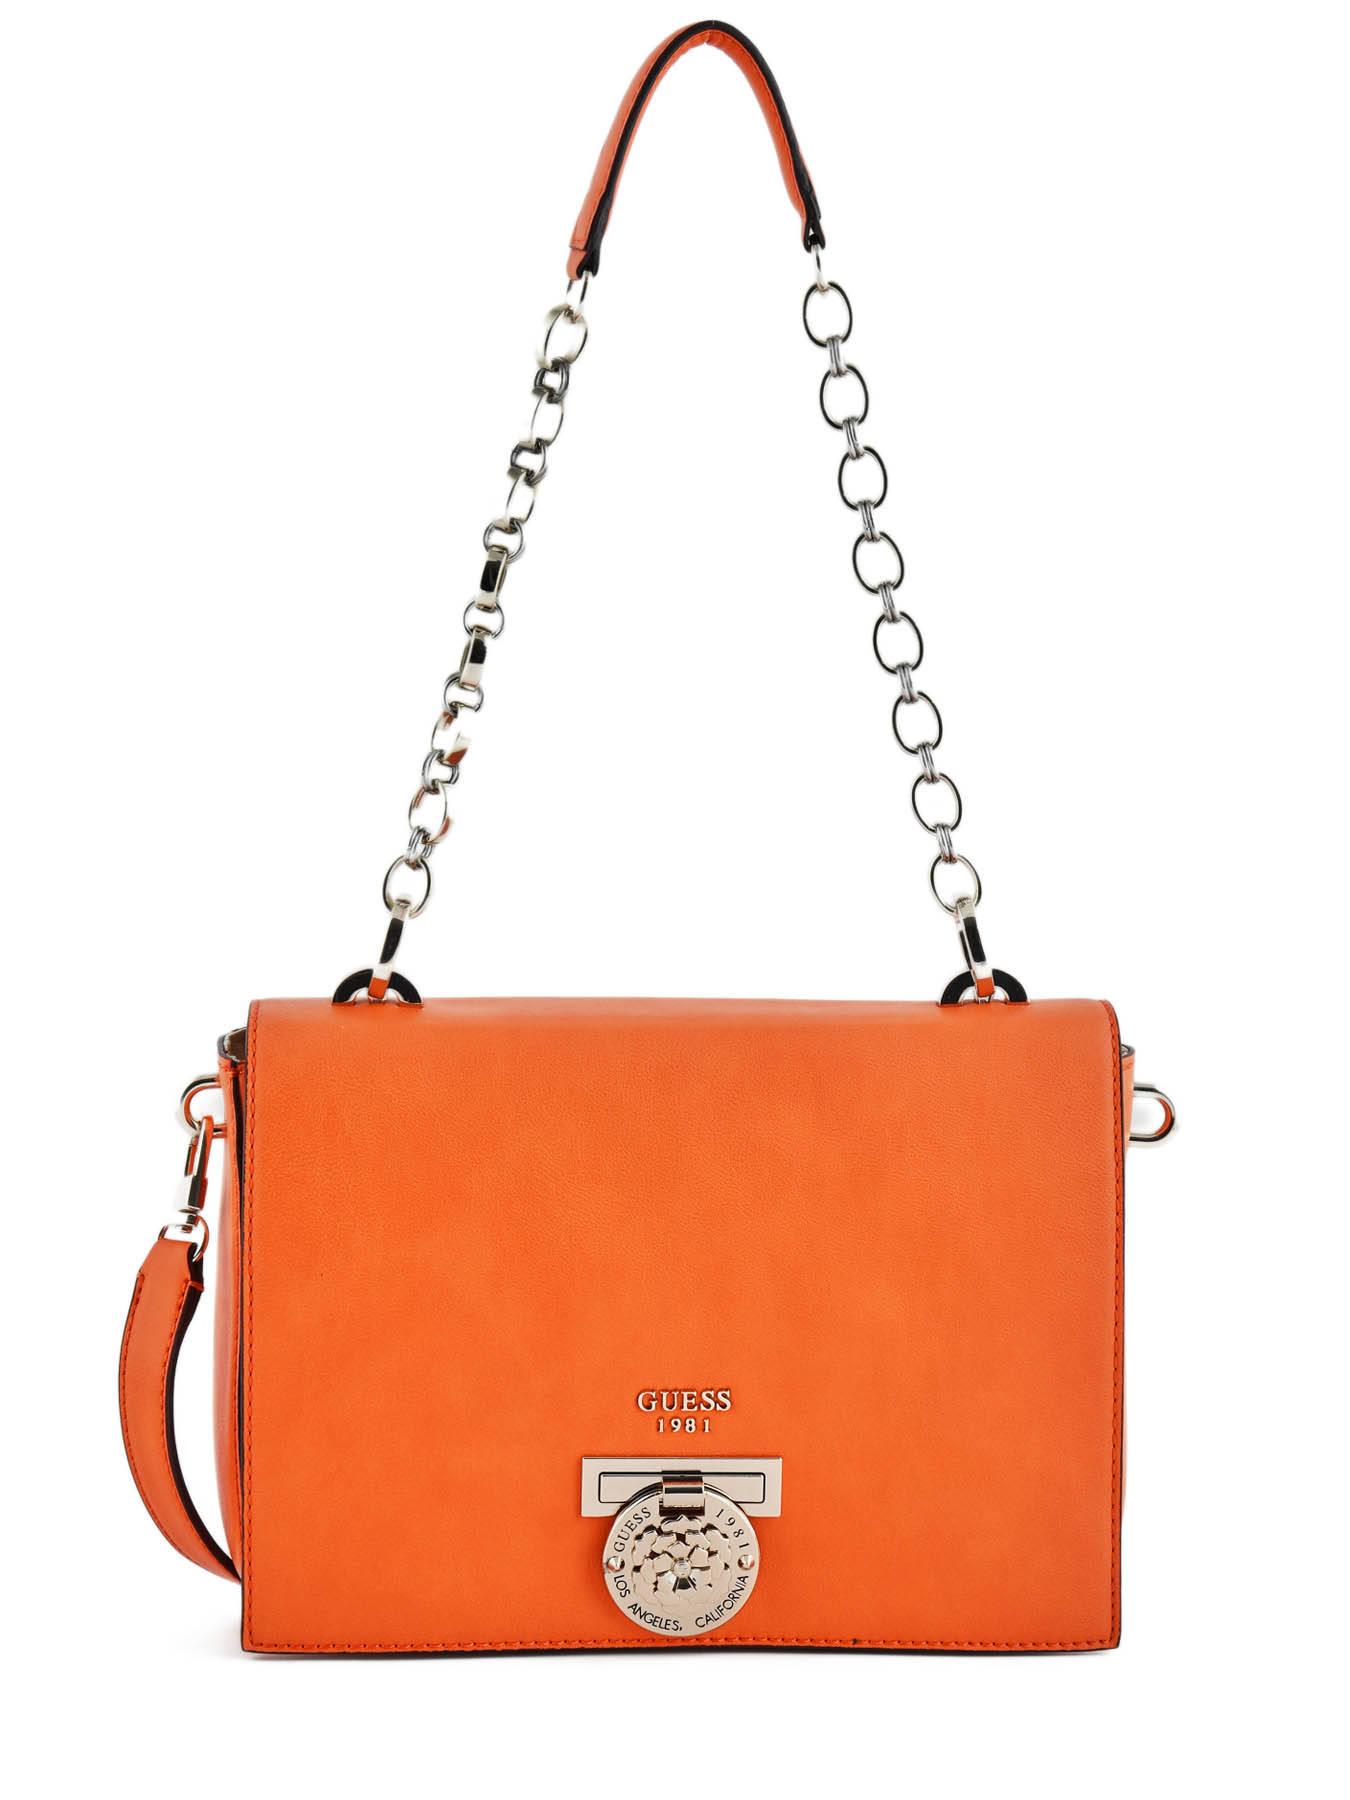 8613a0d1a4 ... Shoulder Bag Marlene Guess Orange marlene VG717720 ...